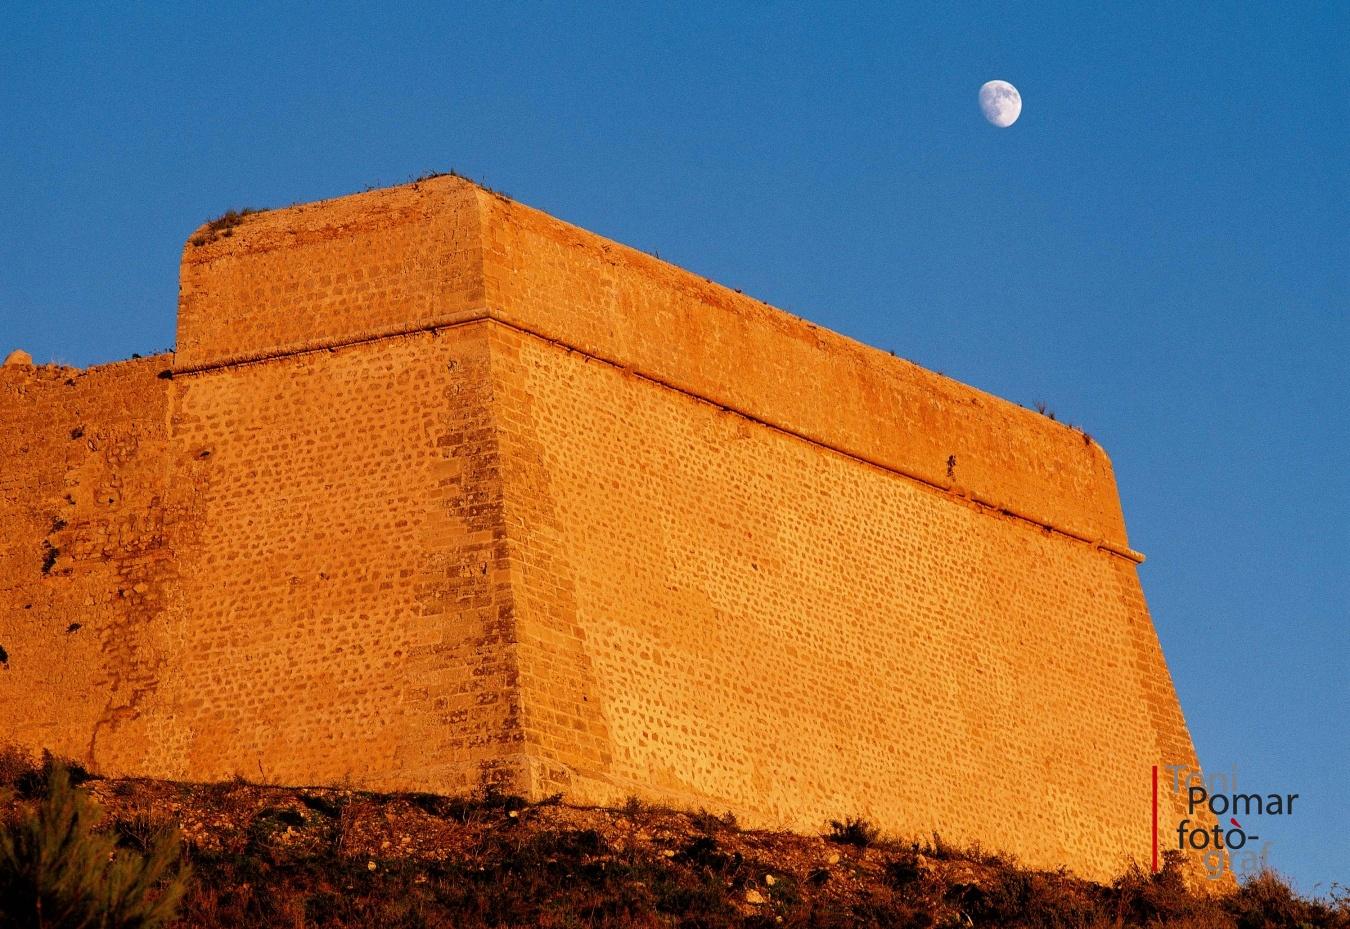 Ibiza. La nave de piedra - Toni Pomar. Ibiza la nave de piedra